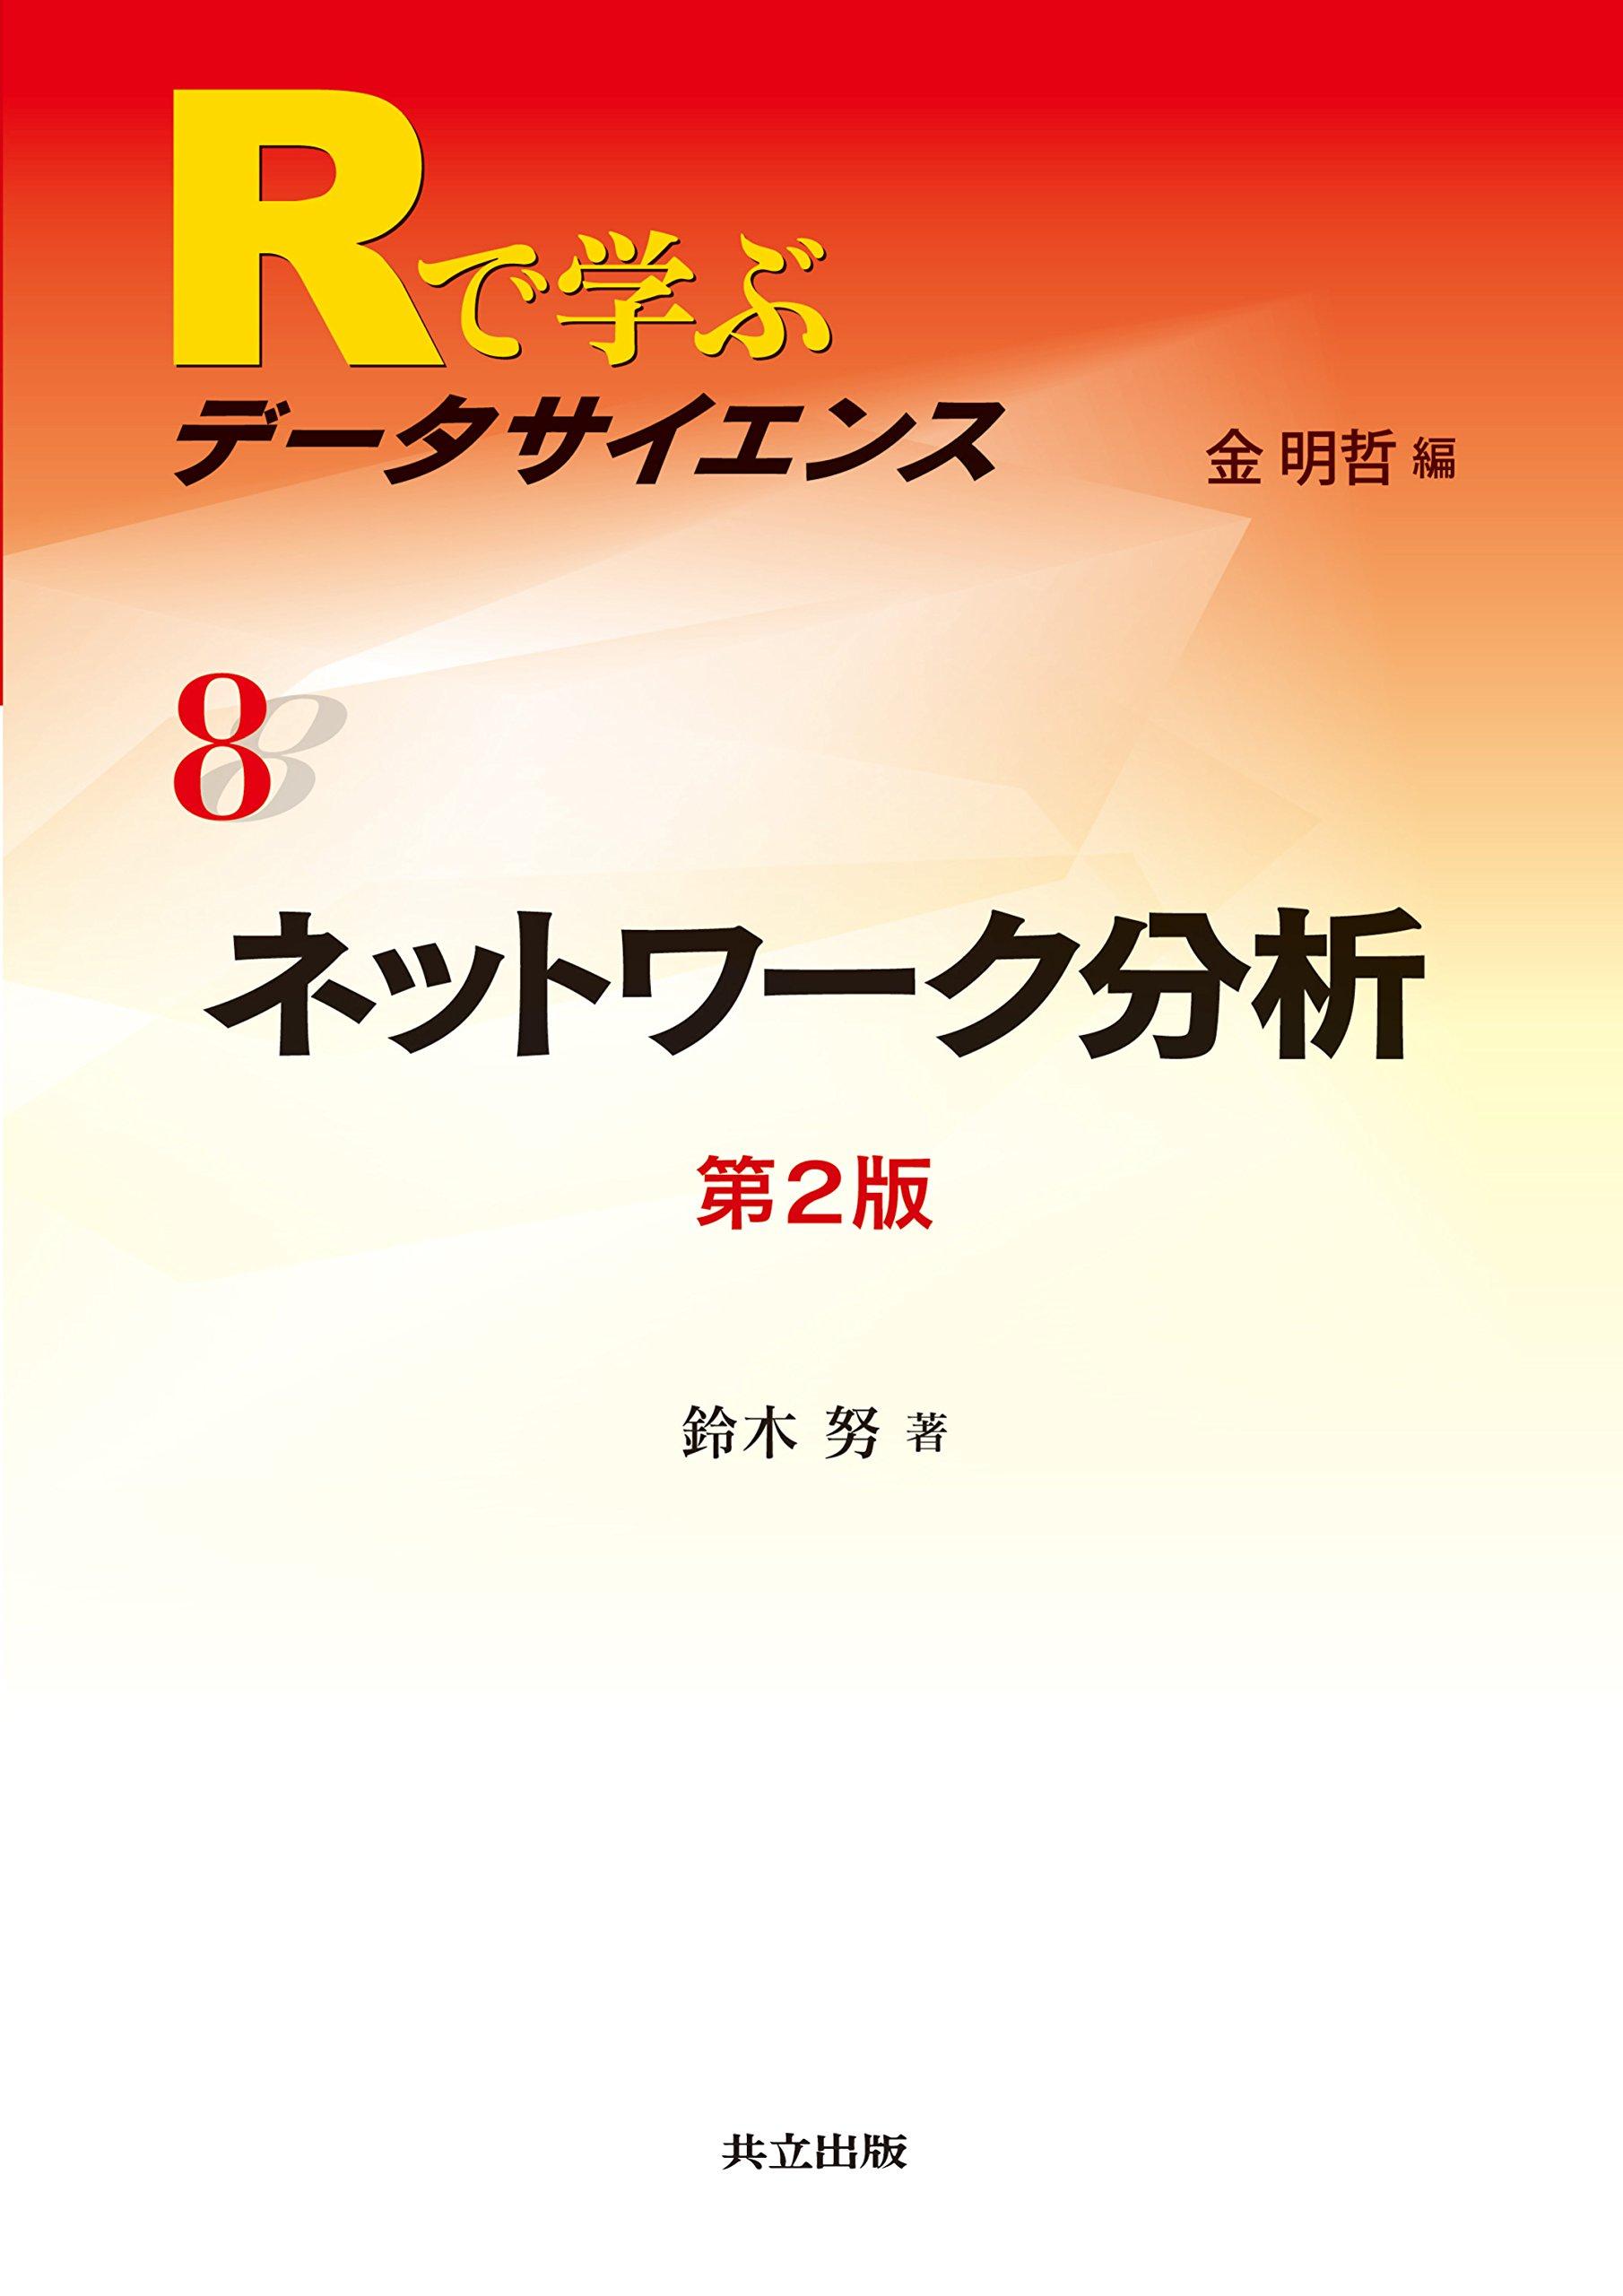 https://images-na.ssl-images-amazon.com/images/I/71vHvmsEY3L.jpg